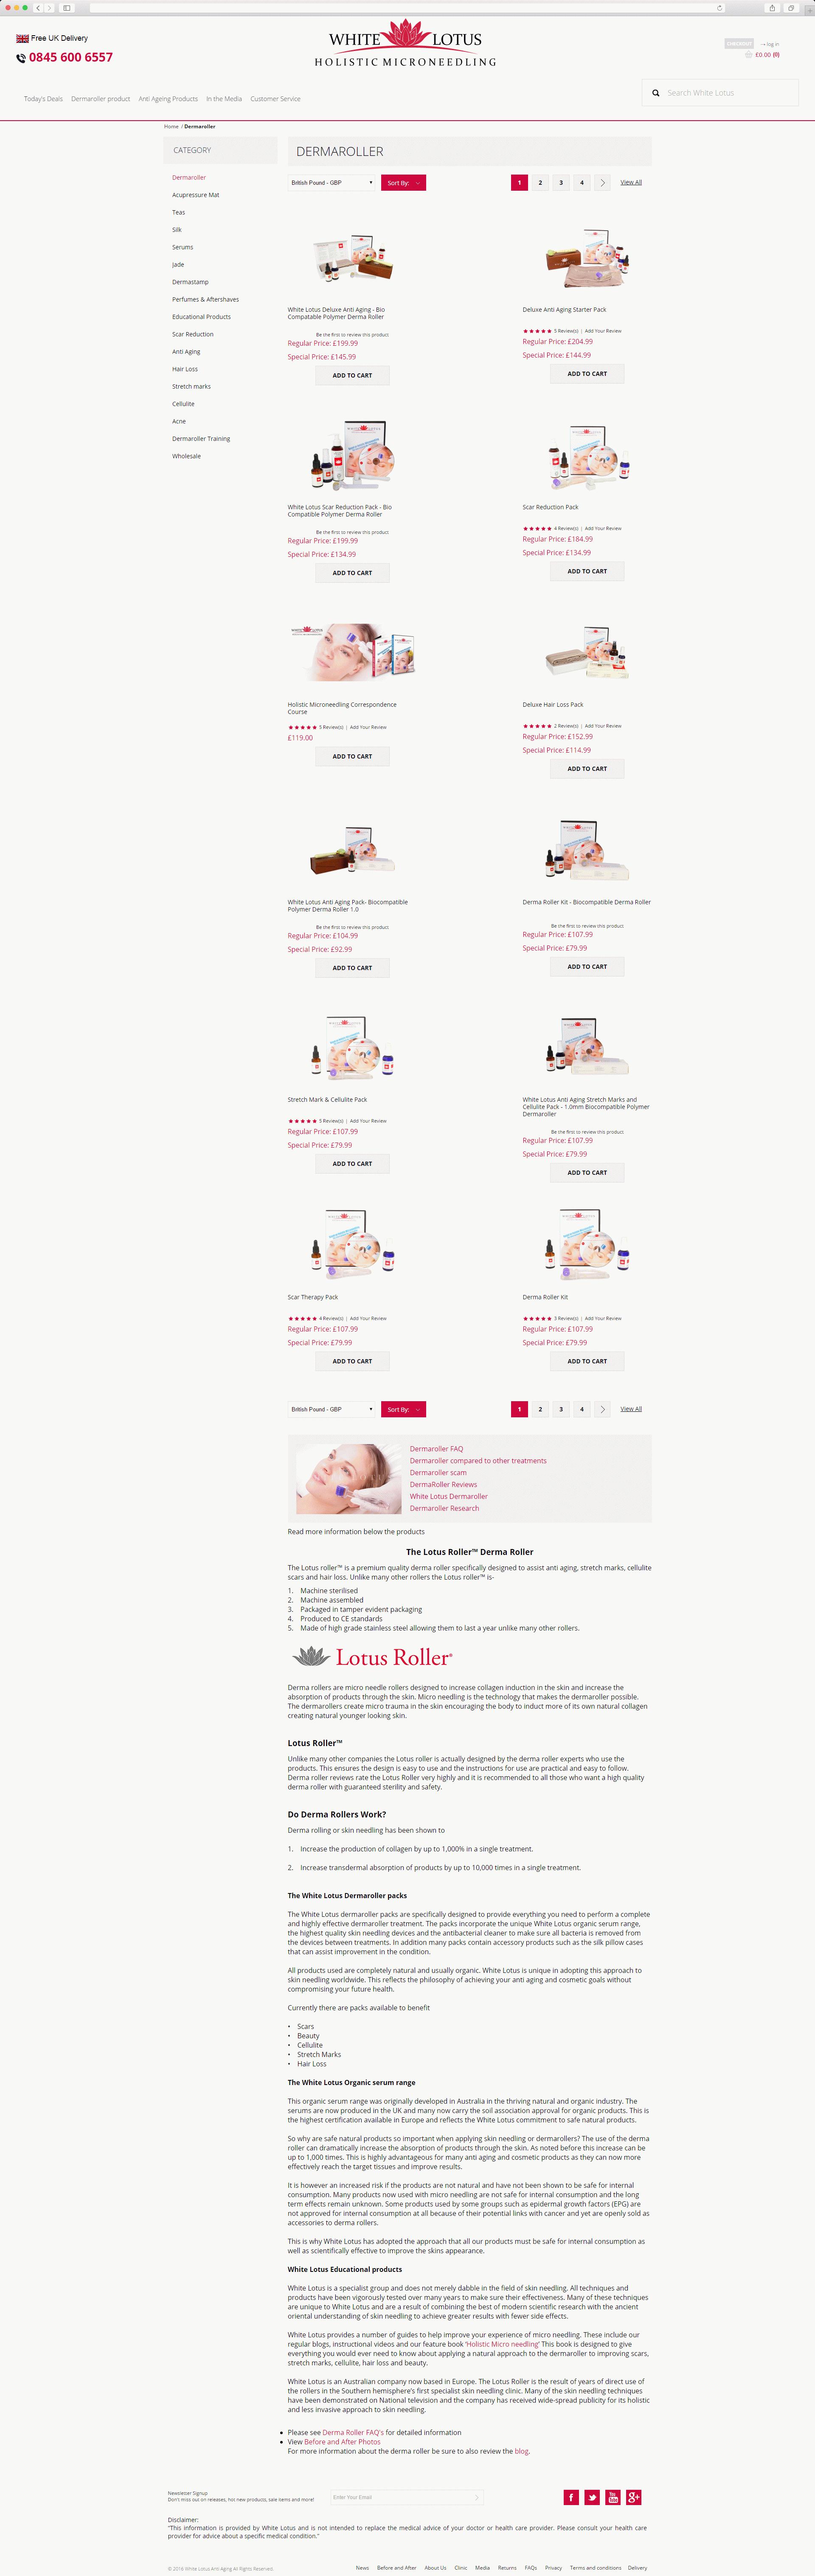 whitelotus_catalog